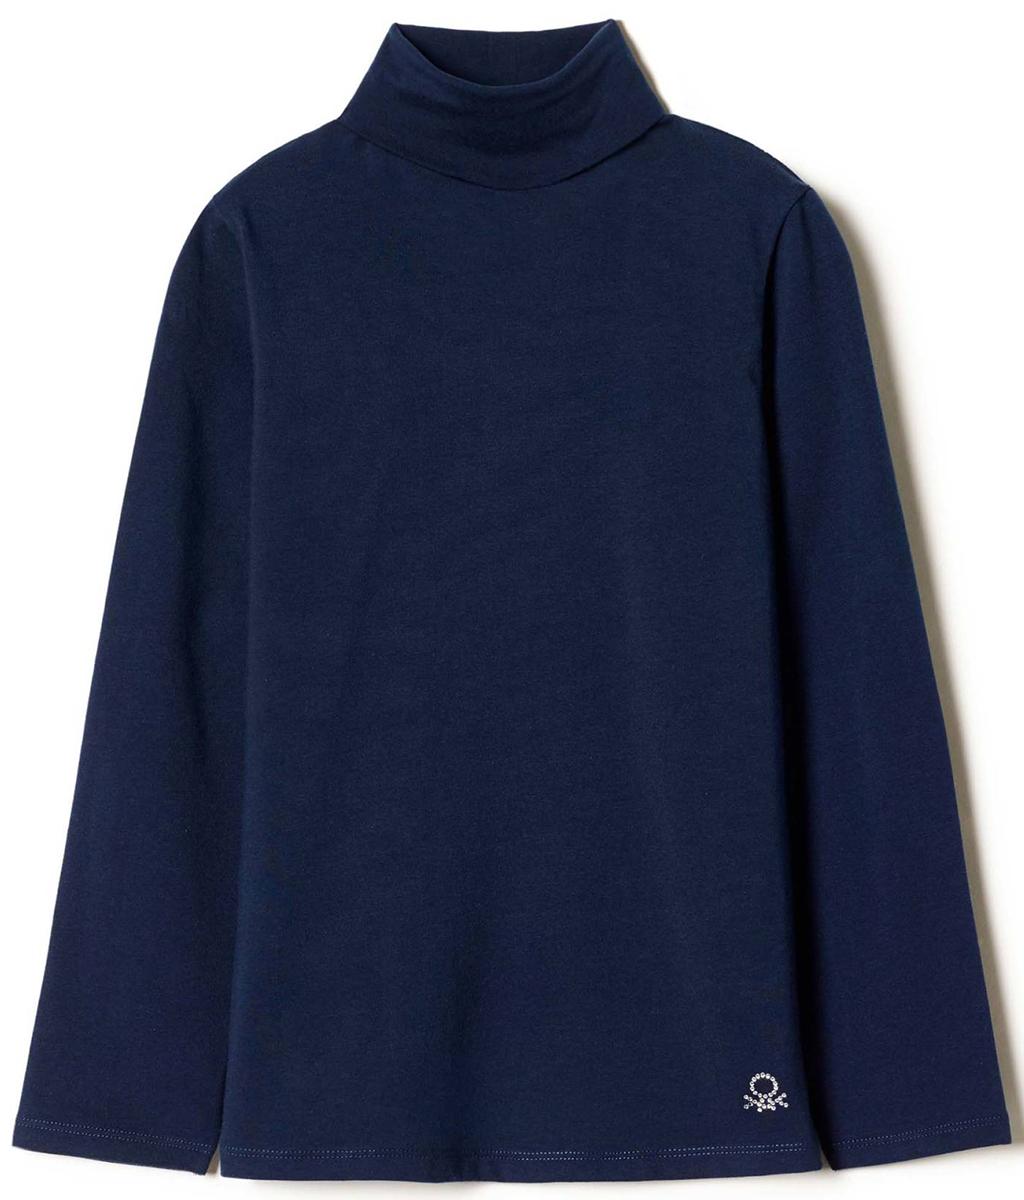 Водолазка для девочки United Colors of Benetton, цвет: синий. 3DR6C2458_13C. Размер 1603DR6C2458_13CВодолазка для девочки United Colors of Benetton выполнена из хлопка и эластана. Модель с воротником гольф и длинными рукавами.